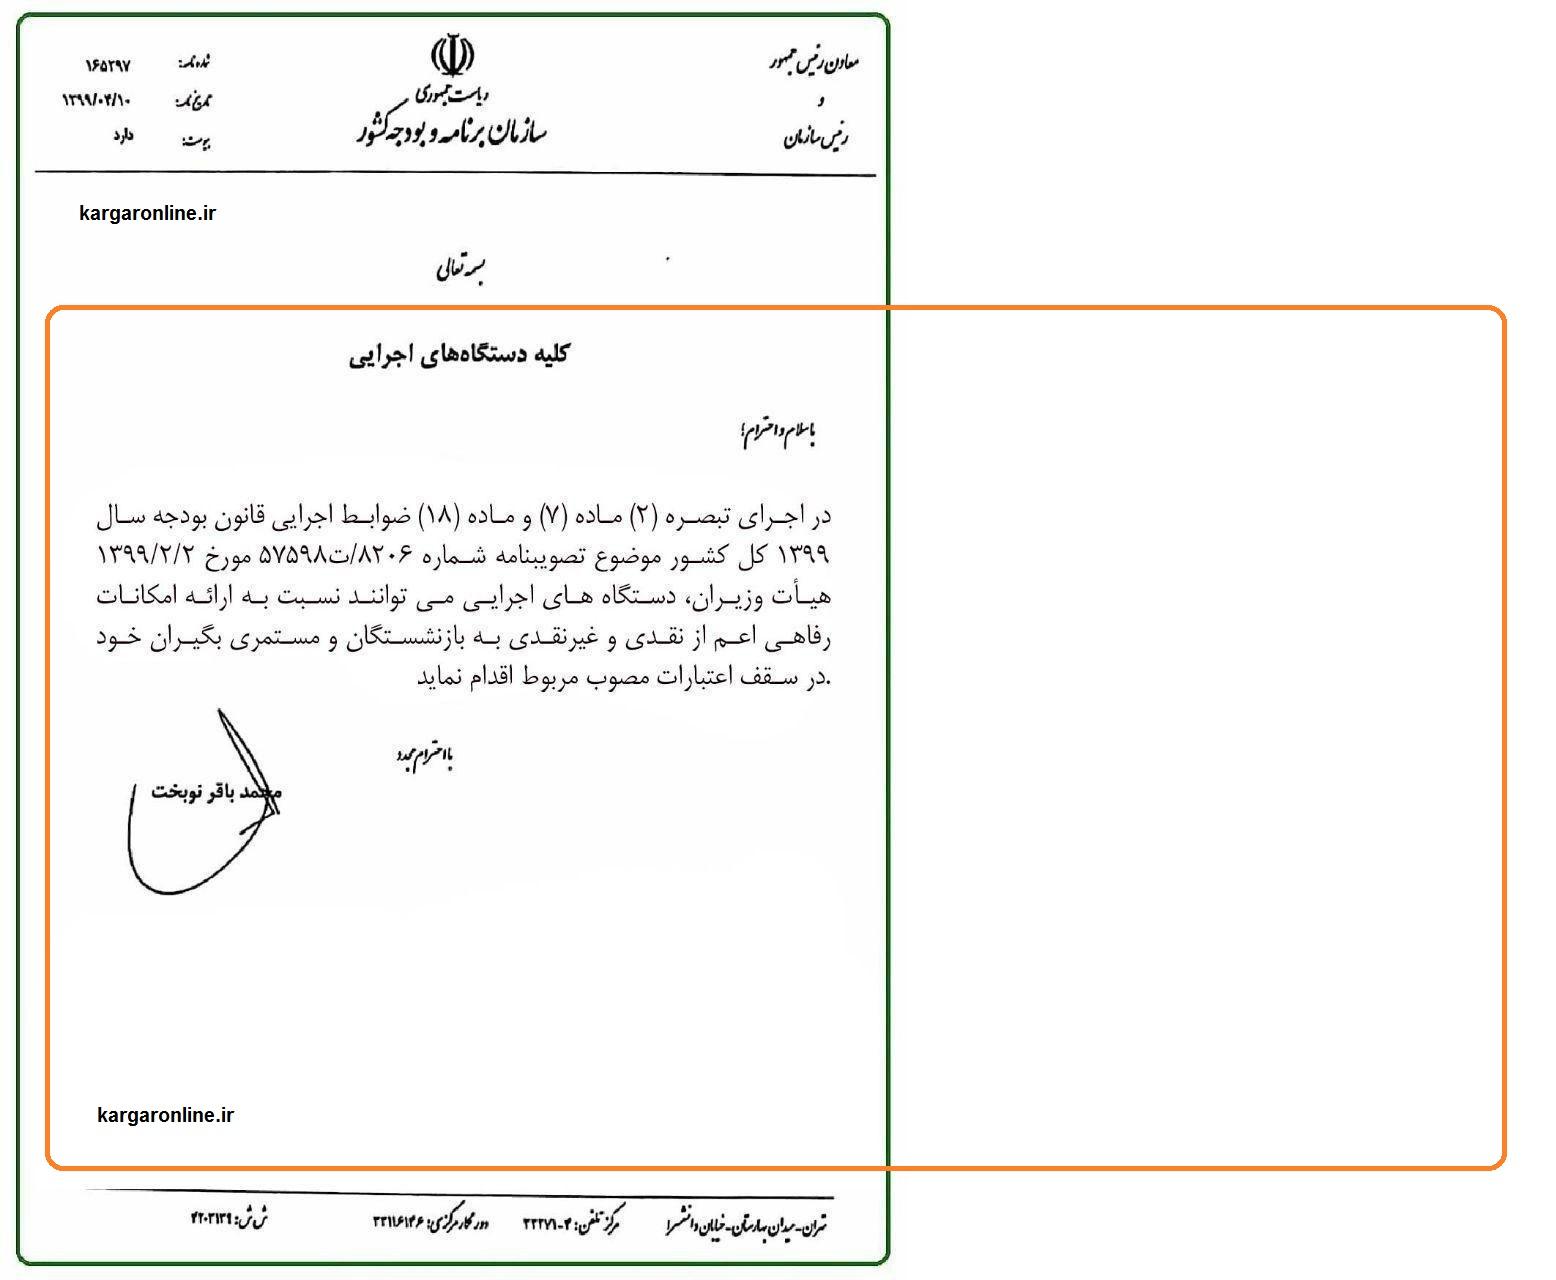 مجوز پرداخت کمک به بازنشستگان ابلاغ شد